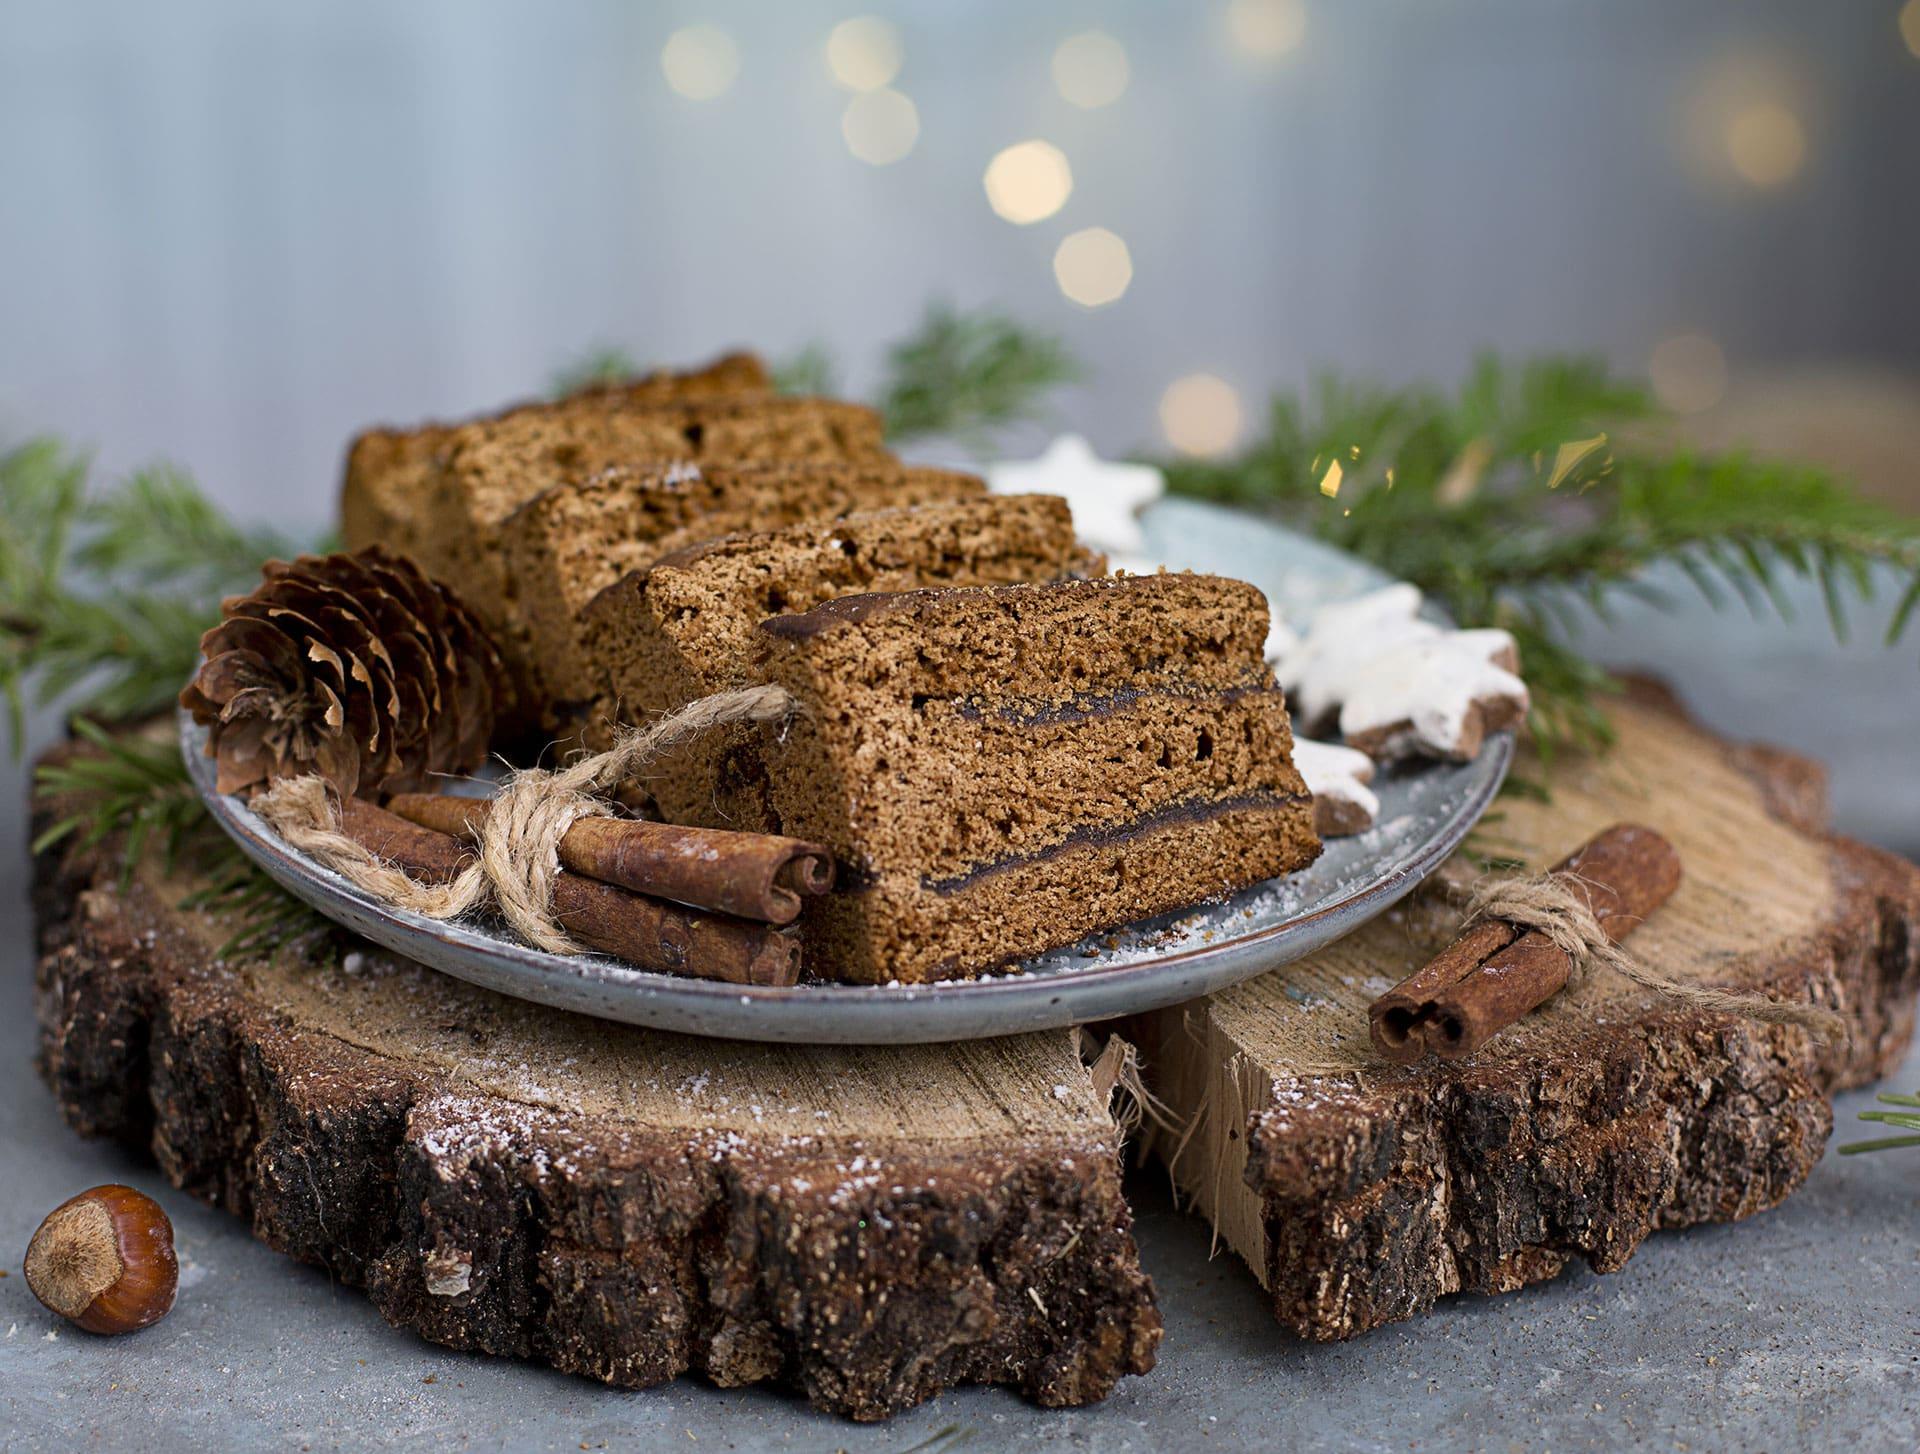 Piernik świąteczny - polska tradycja na Boże Narodzenie